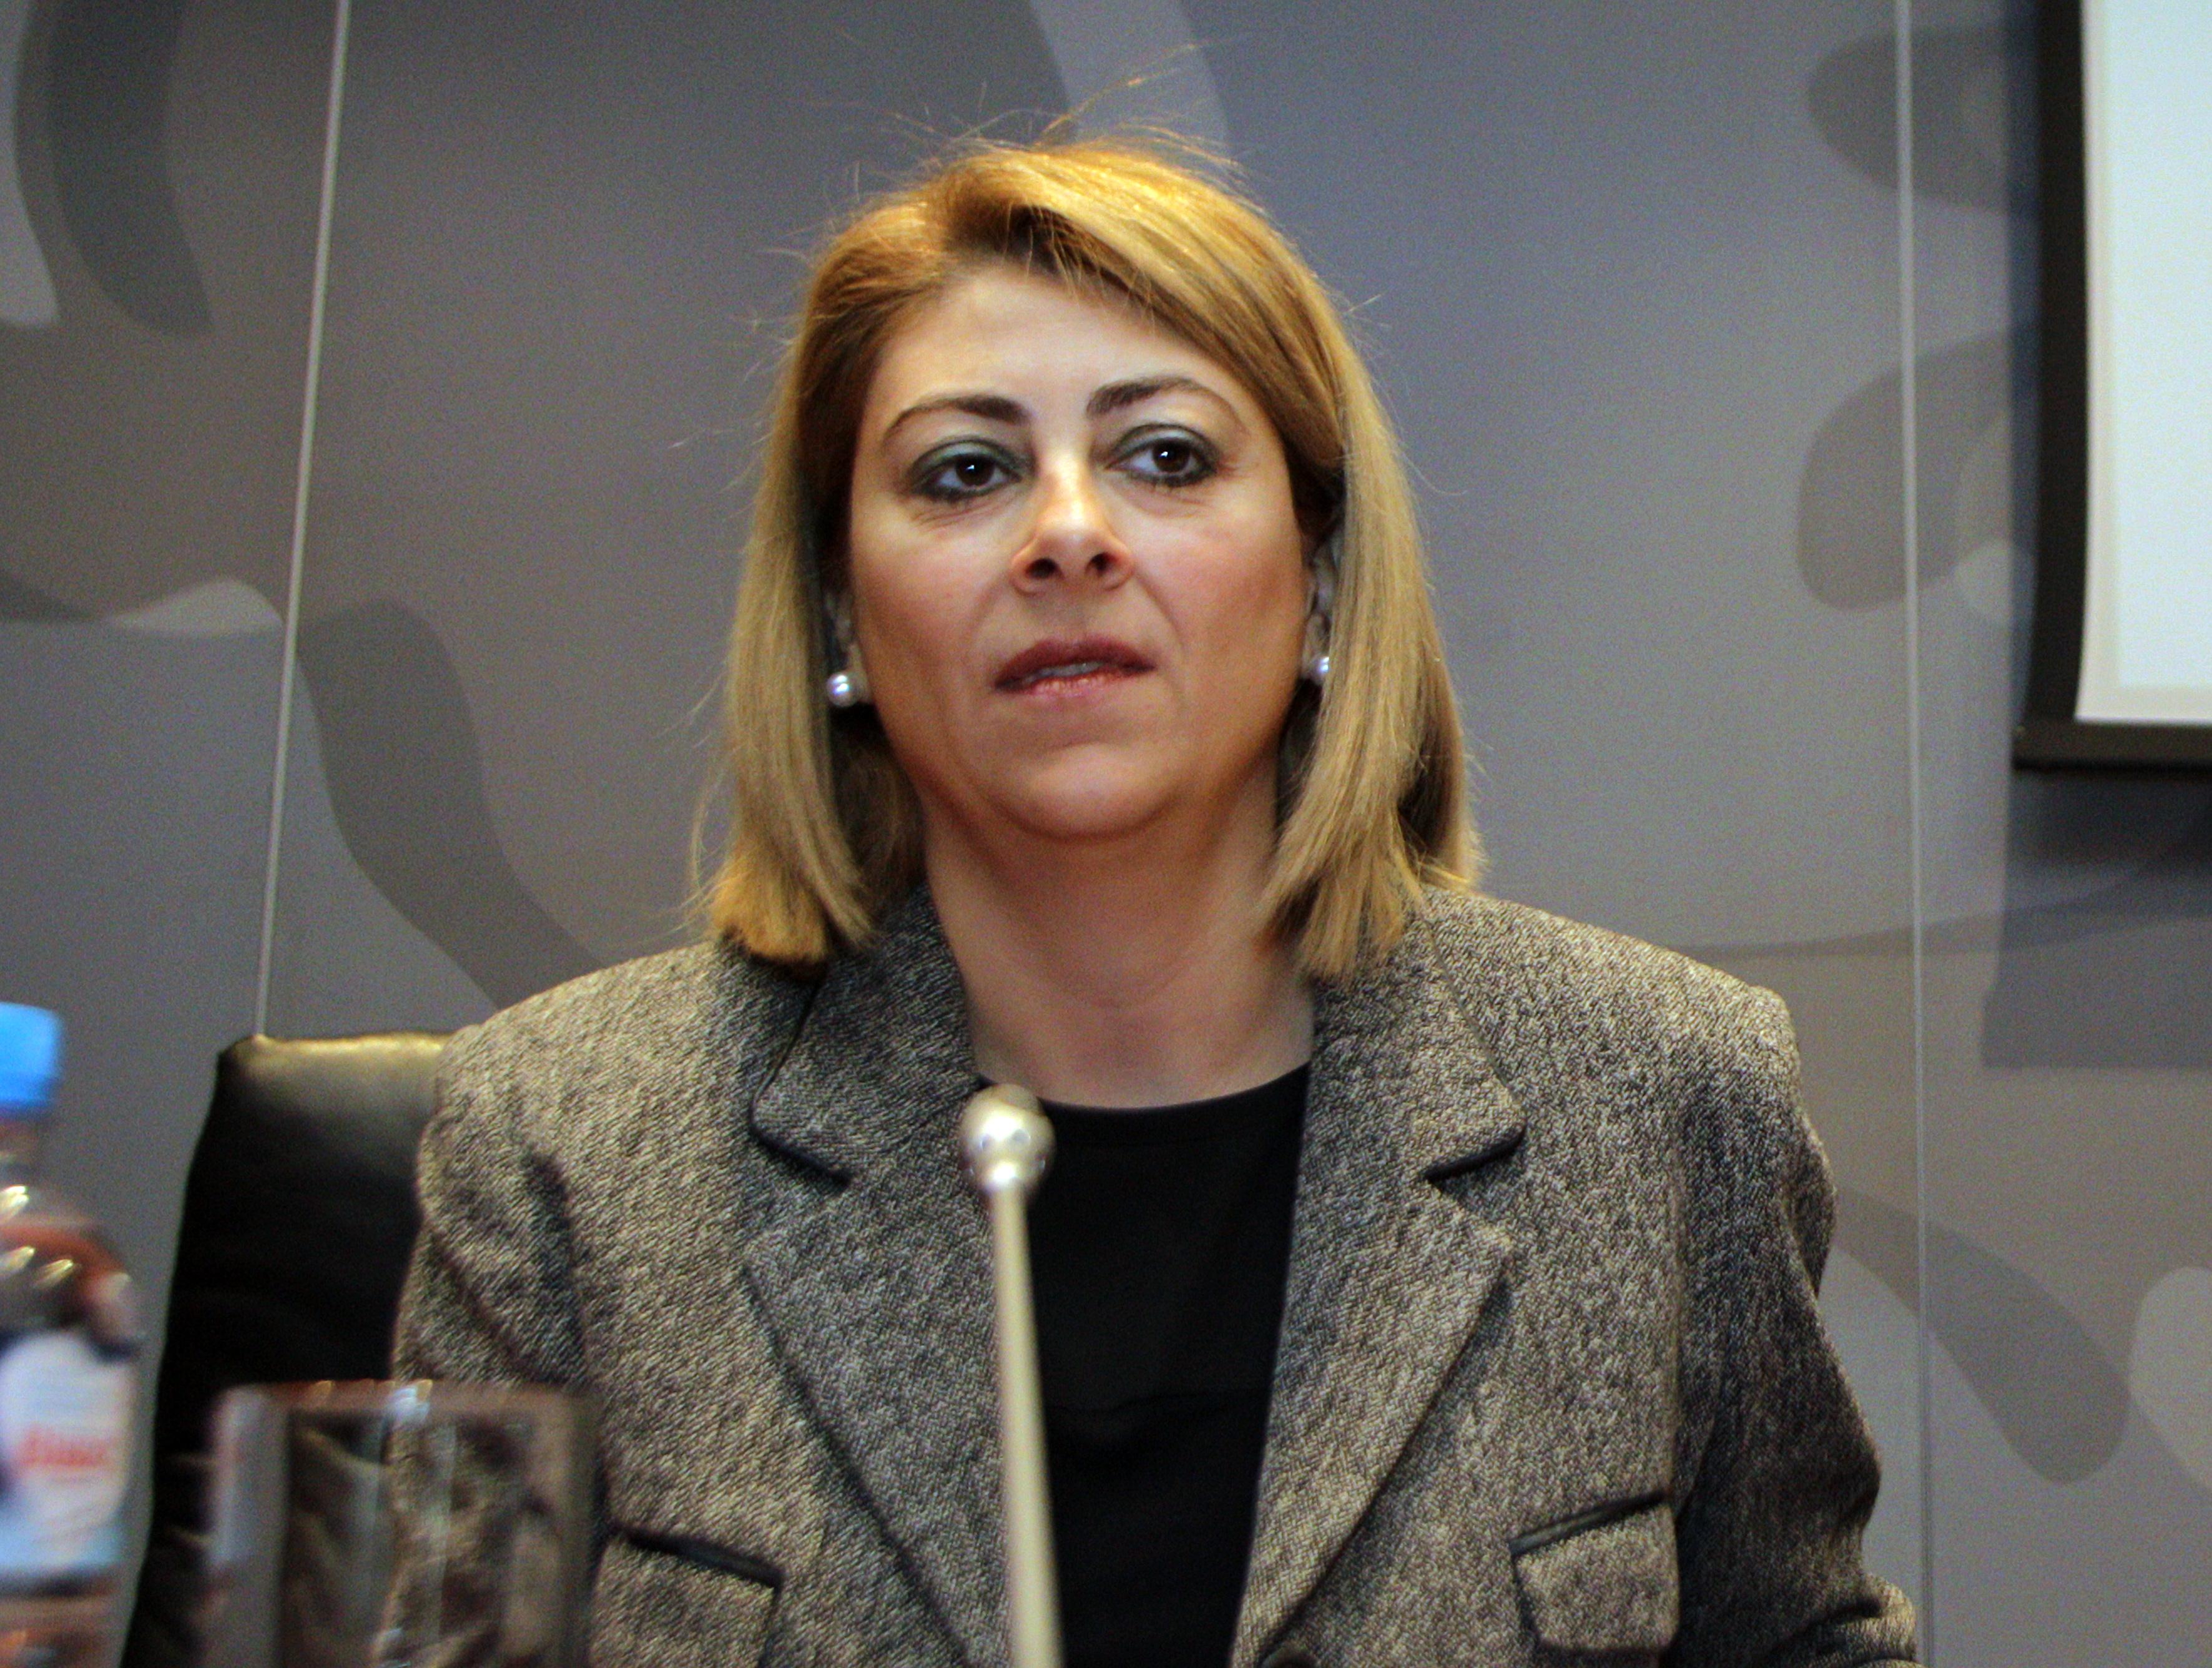 Νέα κλήση από την Δικαιοσύνη για την Κατ. Σαββαϊδου | tovima.gr